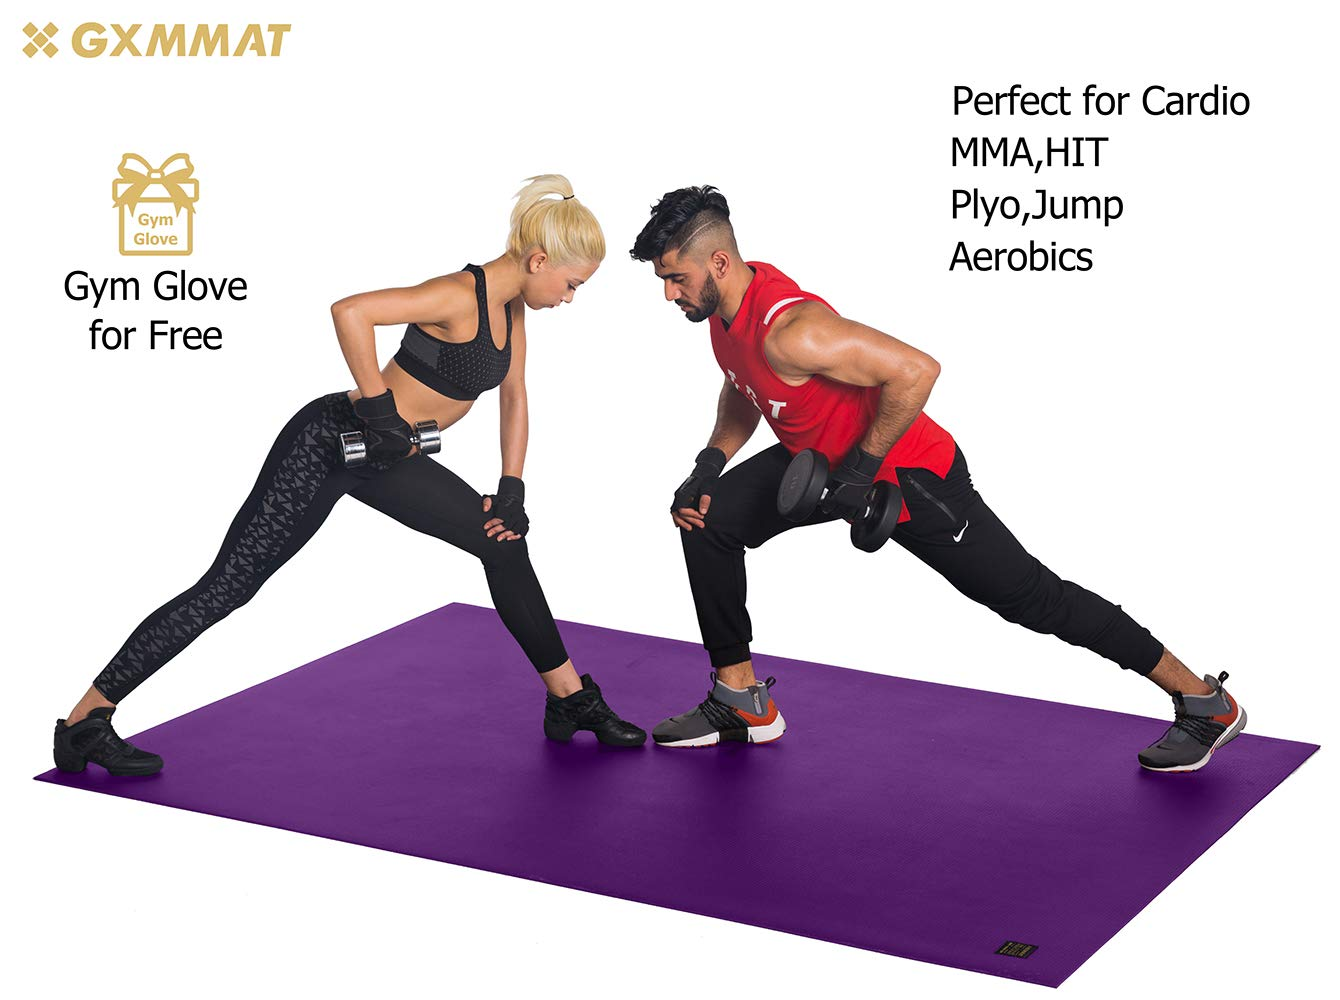 Amazon.com: Gxmmat - Esterilla de ejercicio extragrande de ...